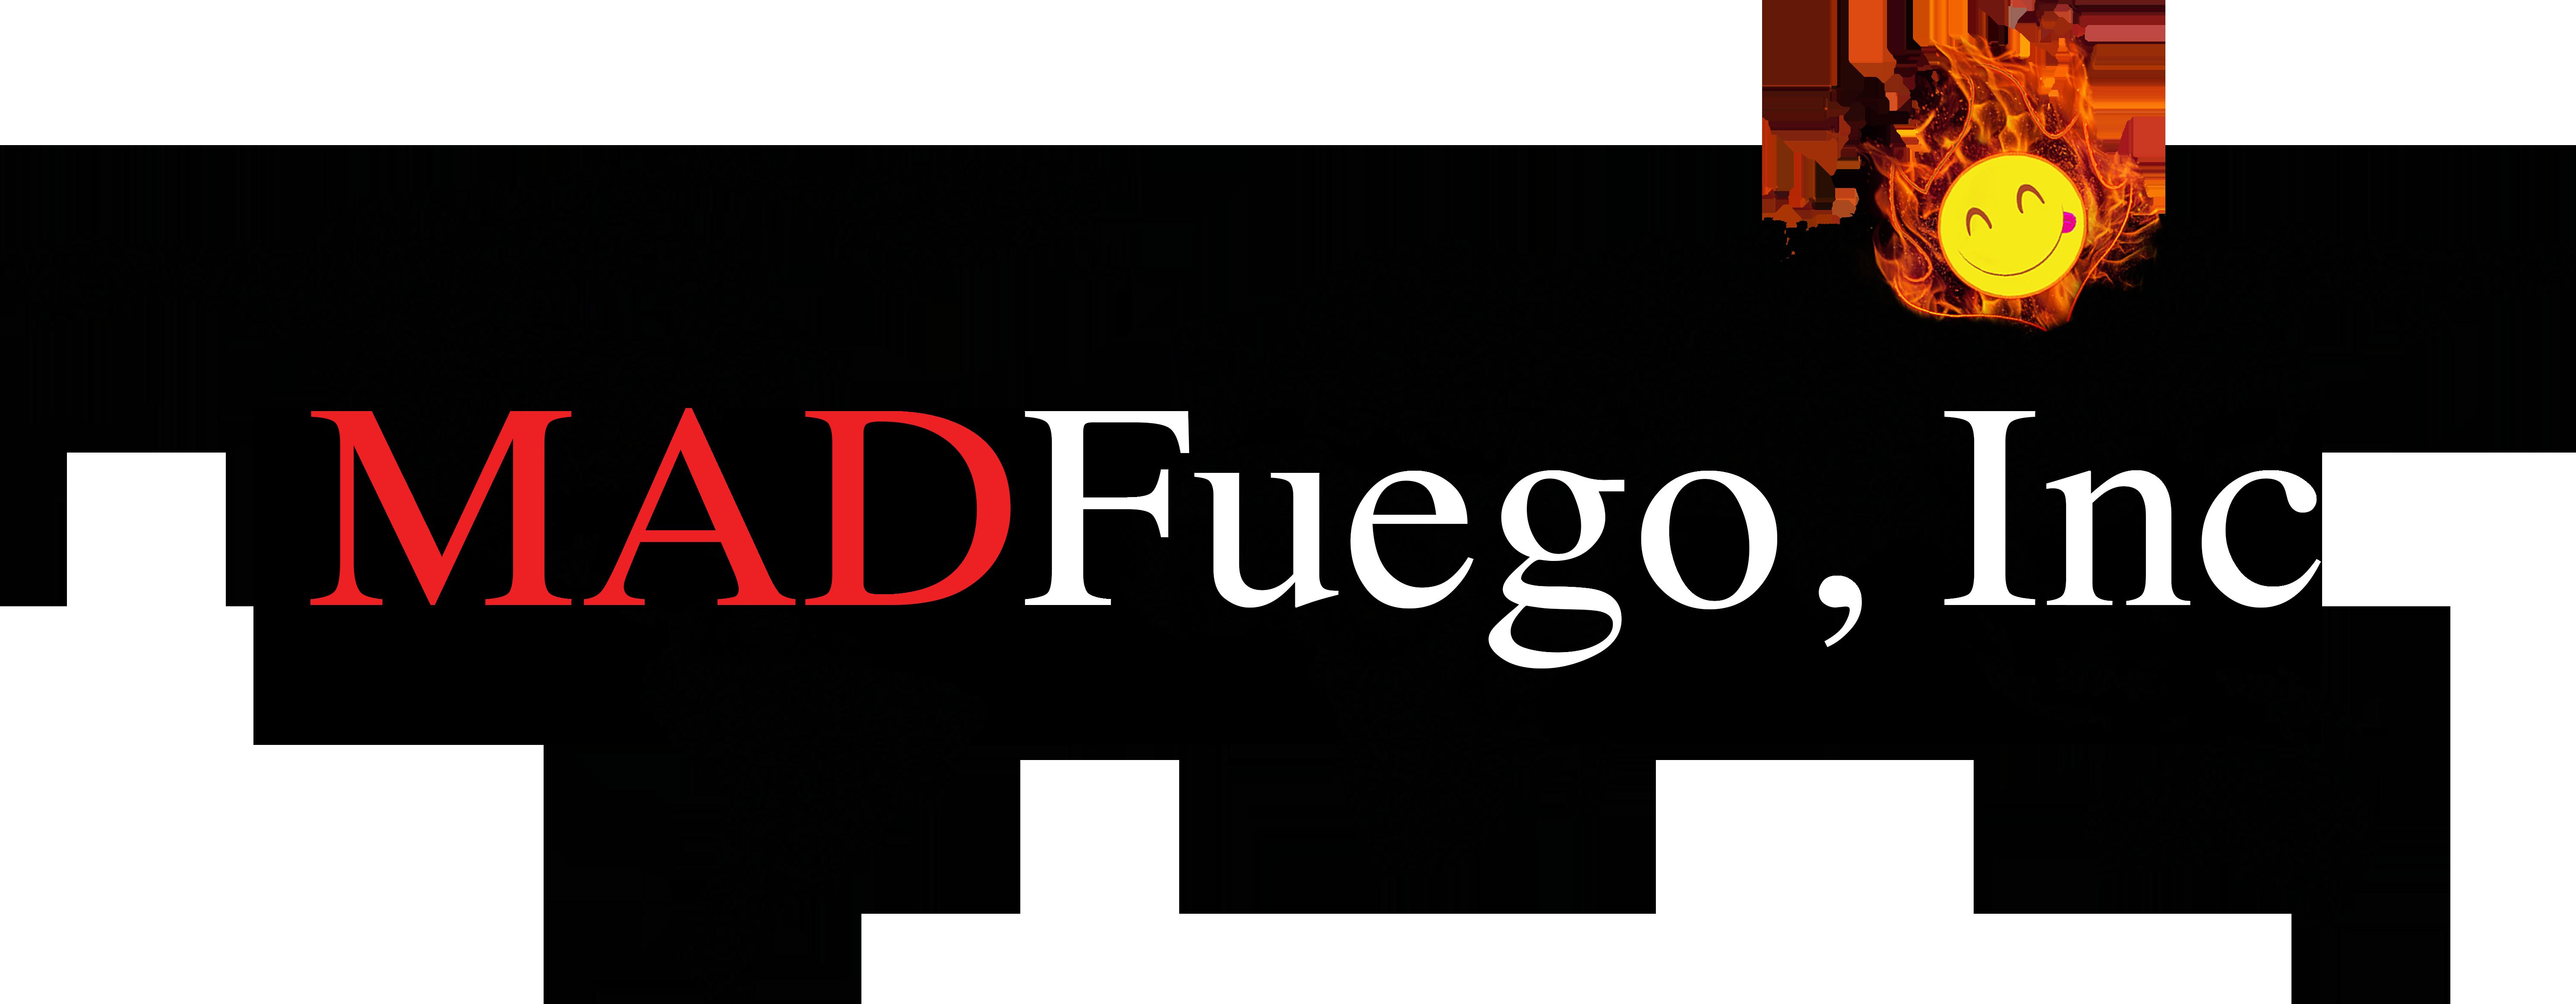 MADFuego, Inc